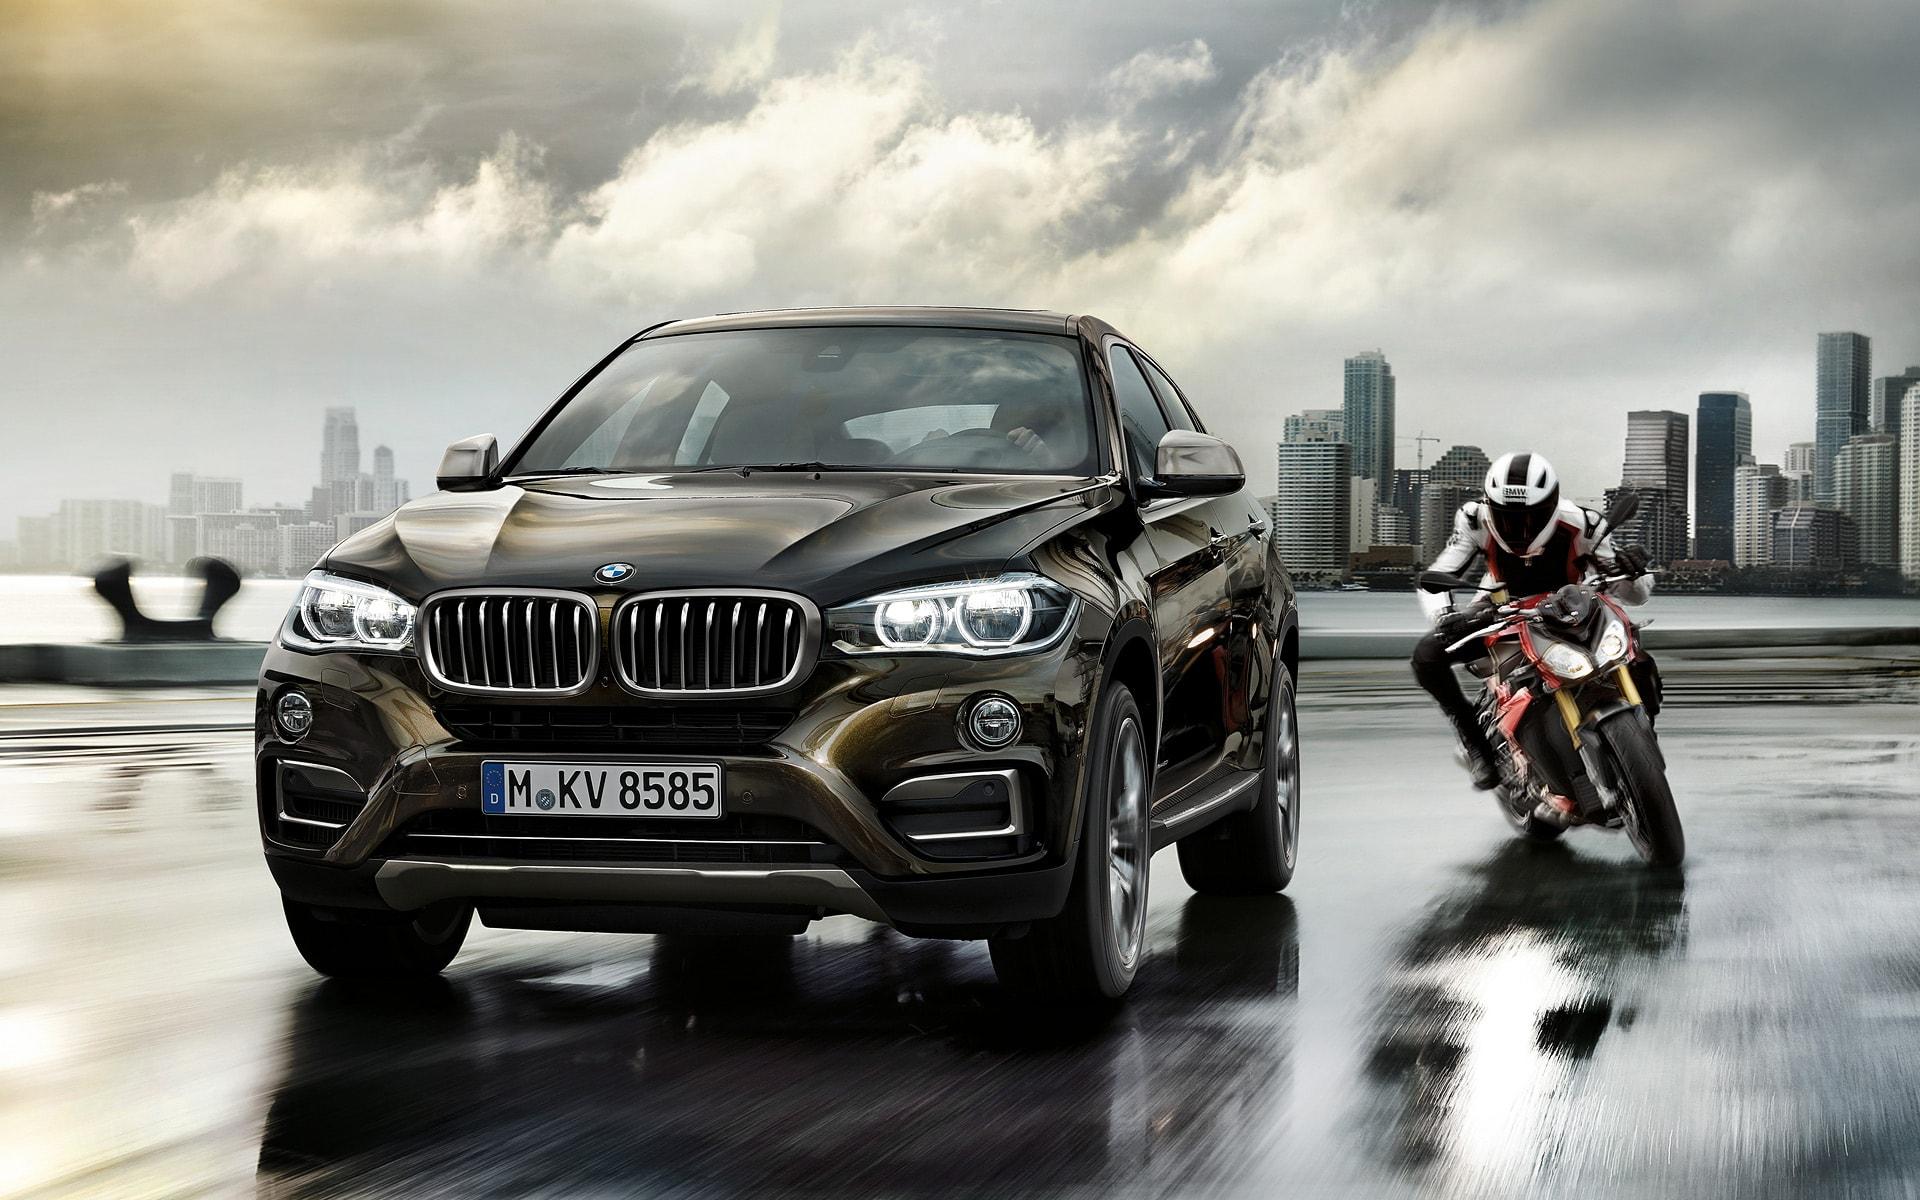 BMW X6 wallpaper